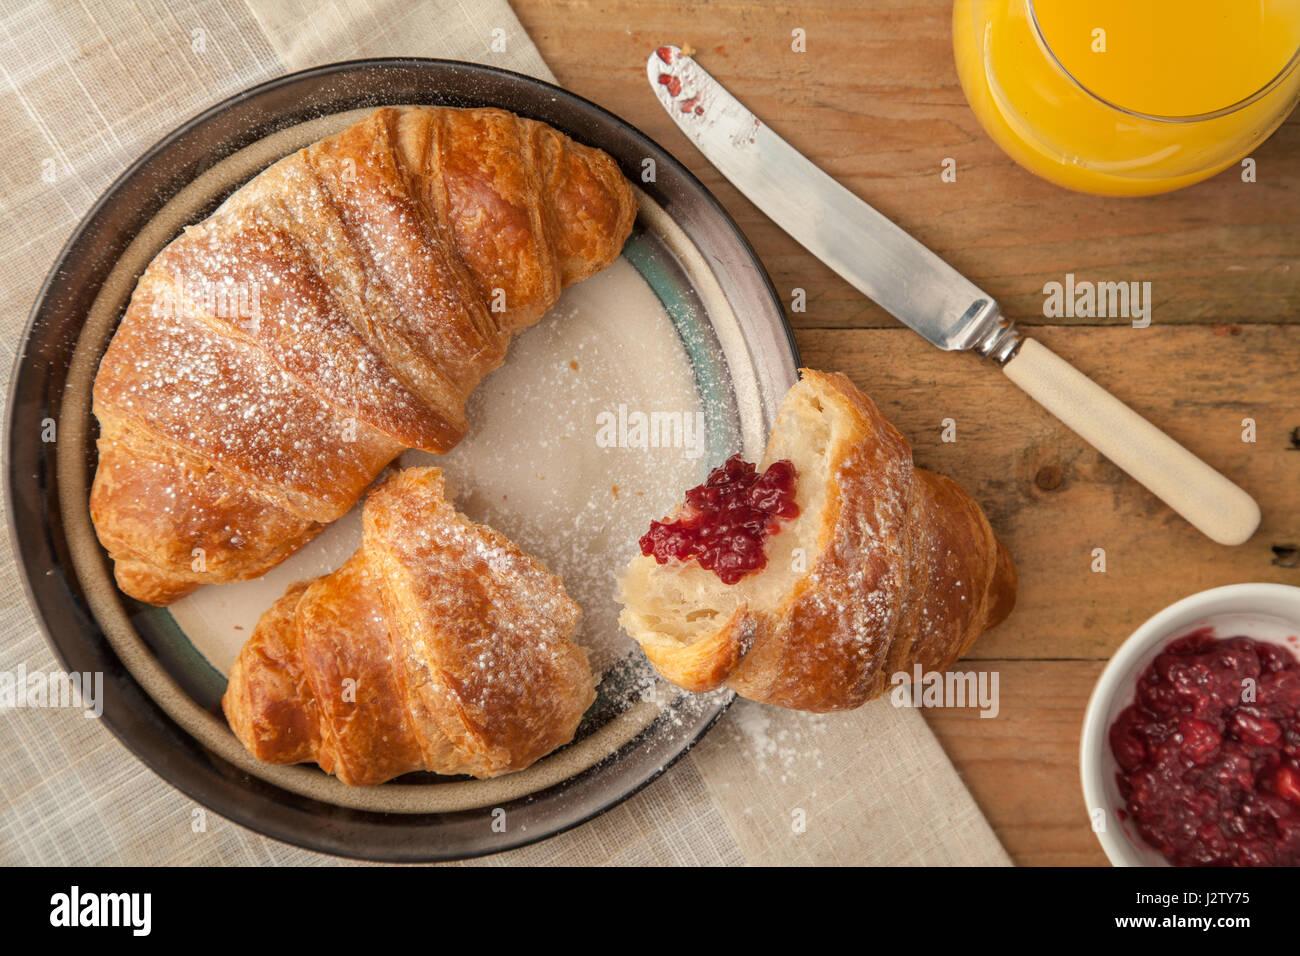 Draufsicht von frischen Croissants auf ein Frühstück Tisch settin Stockbild